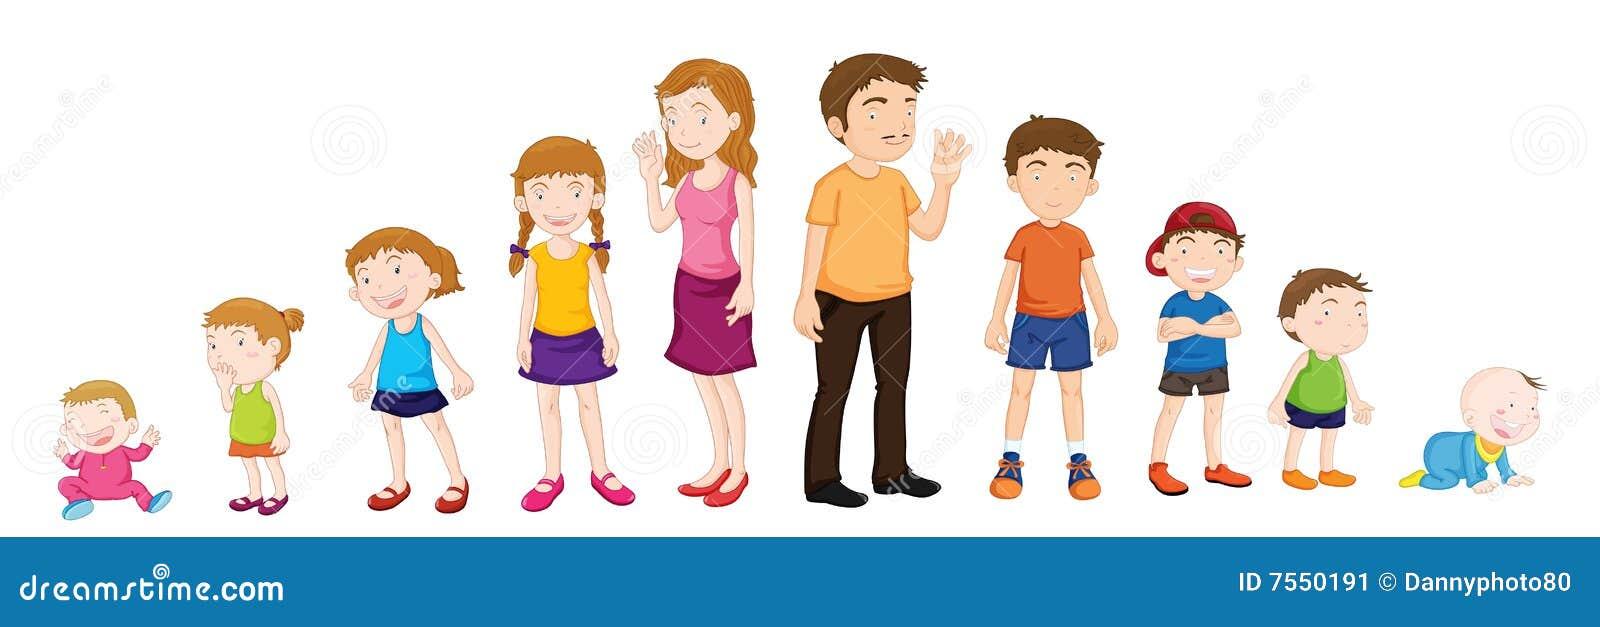 groei en gewichtscurve kind